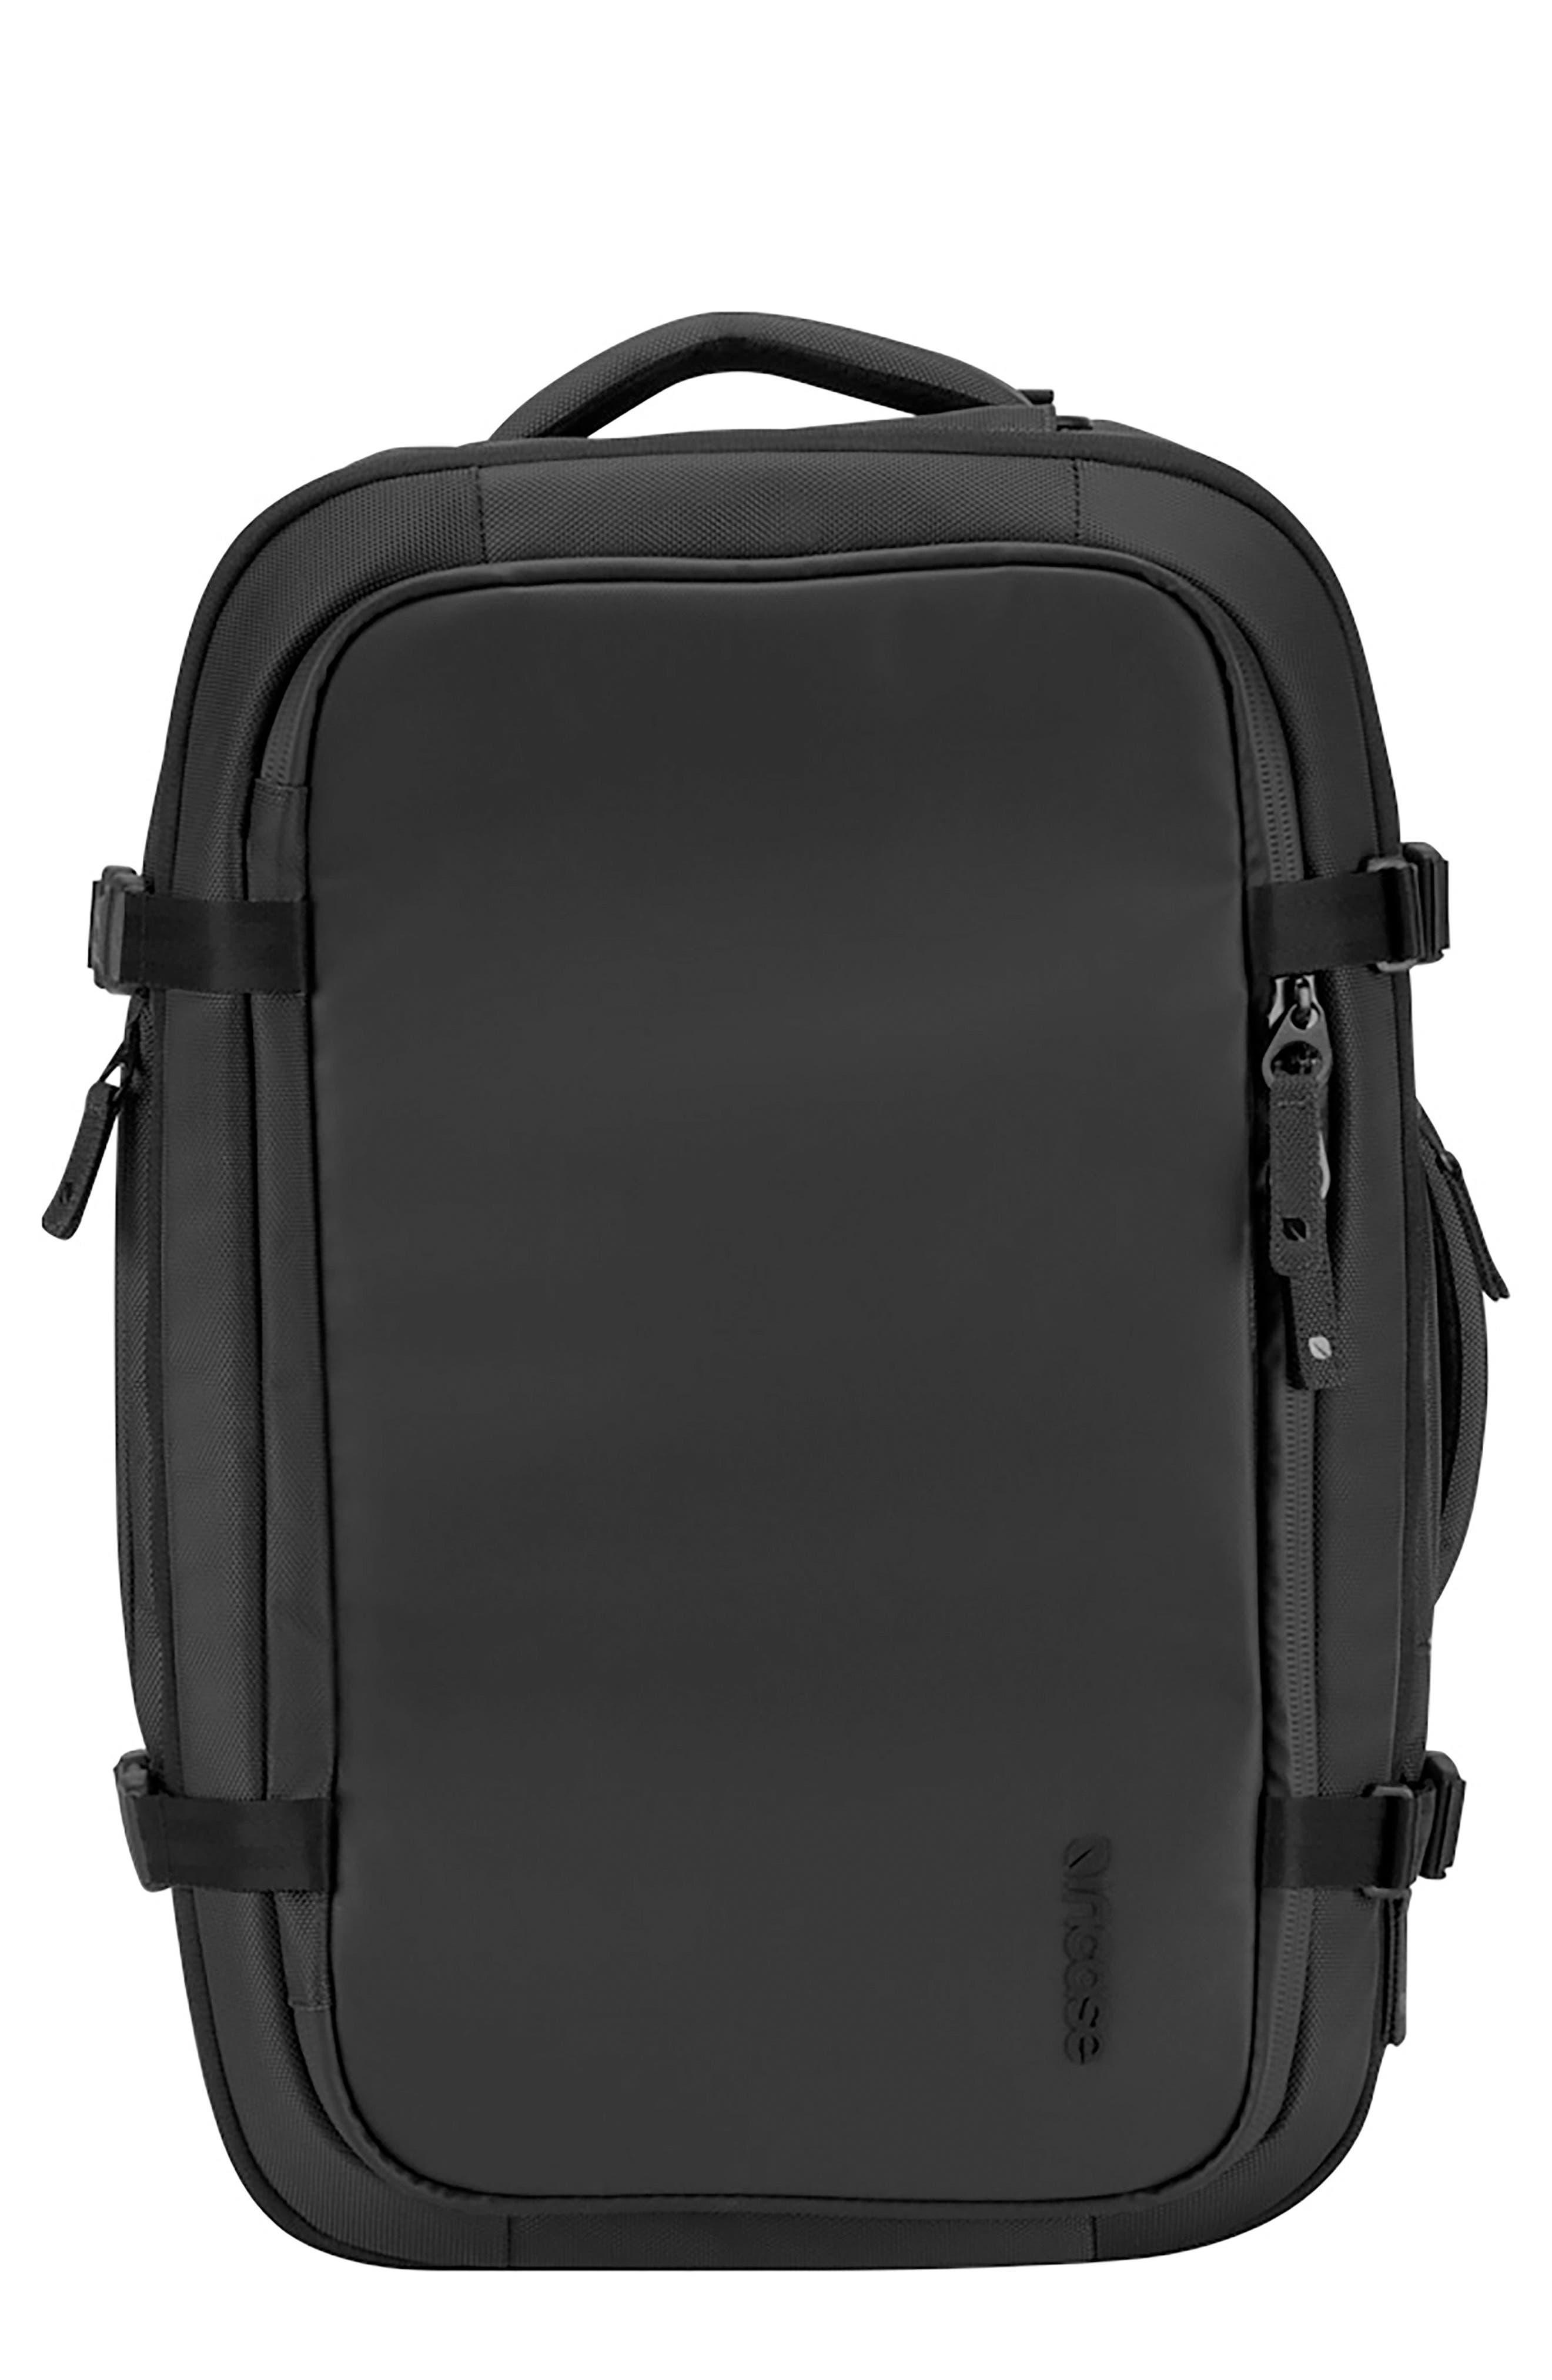 TRACTO Convertible Backpack,                             Main thumbnail 1, color,